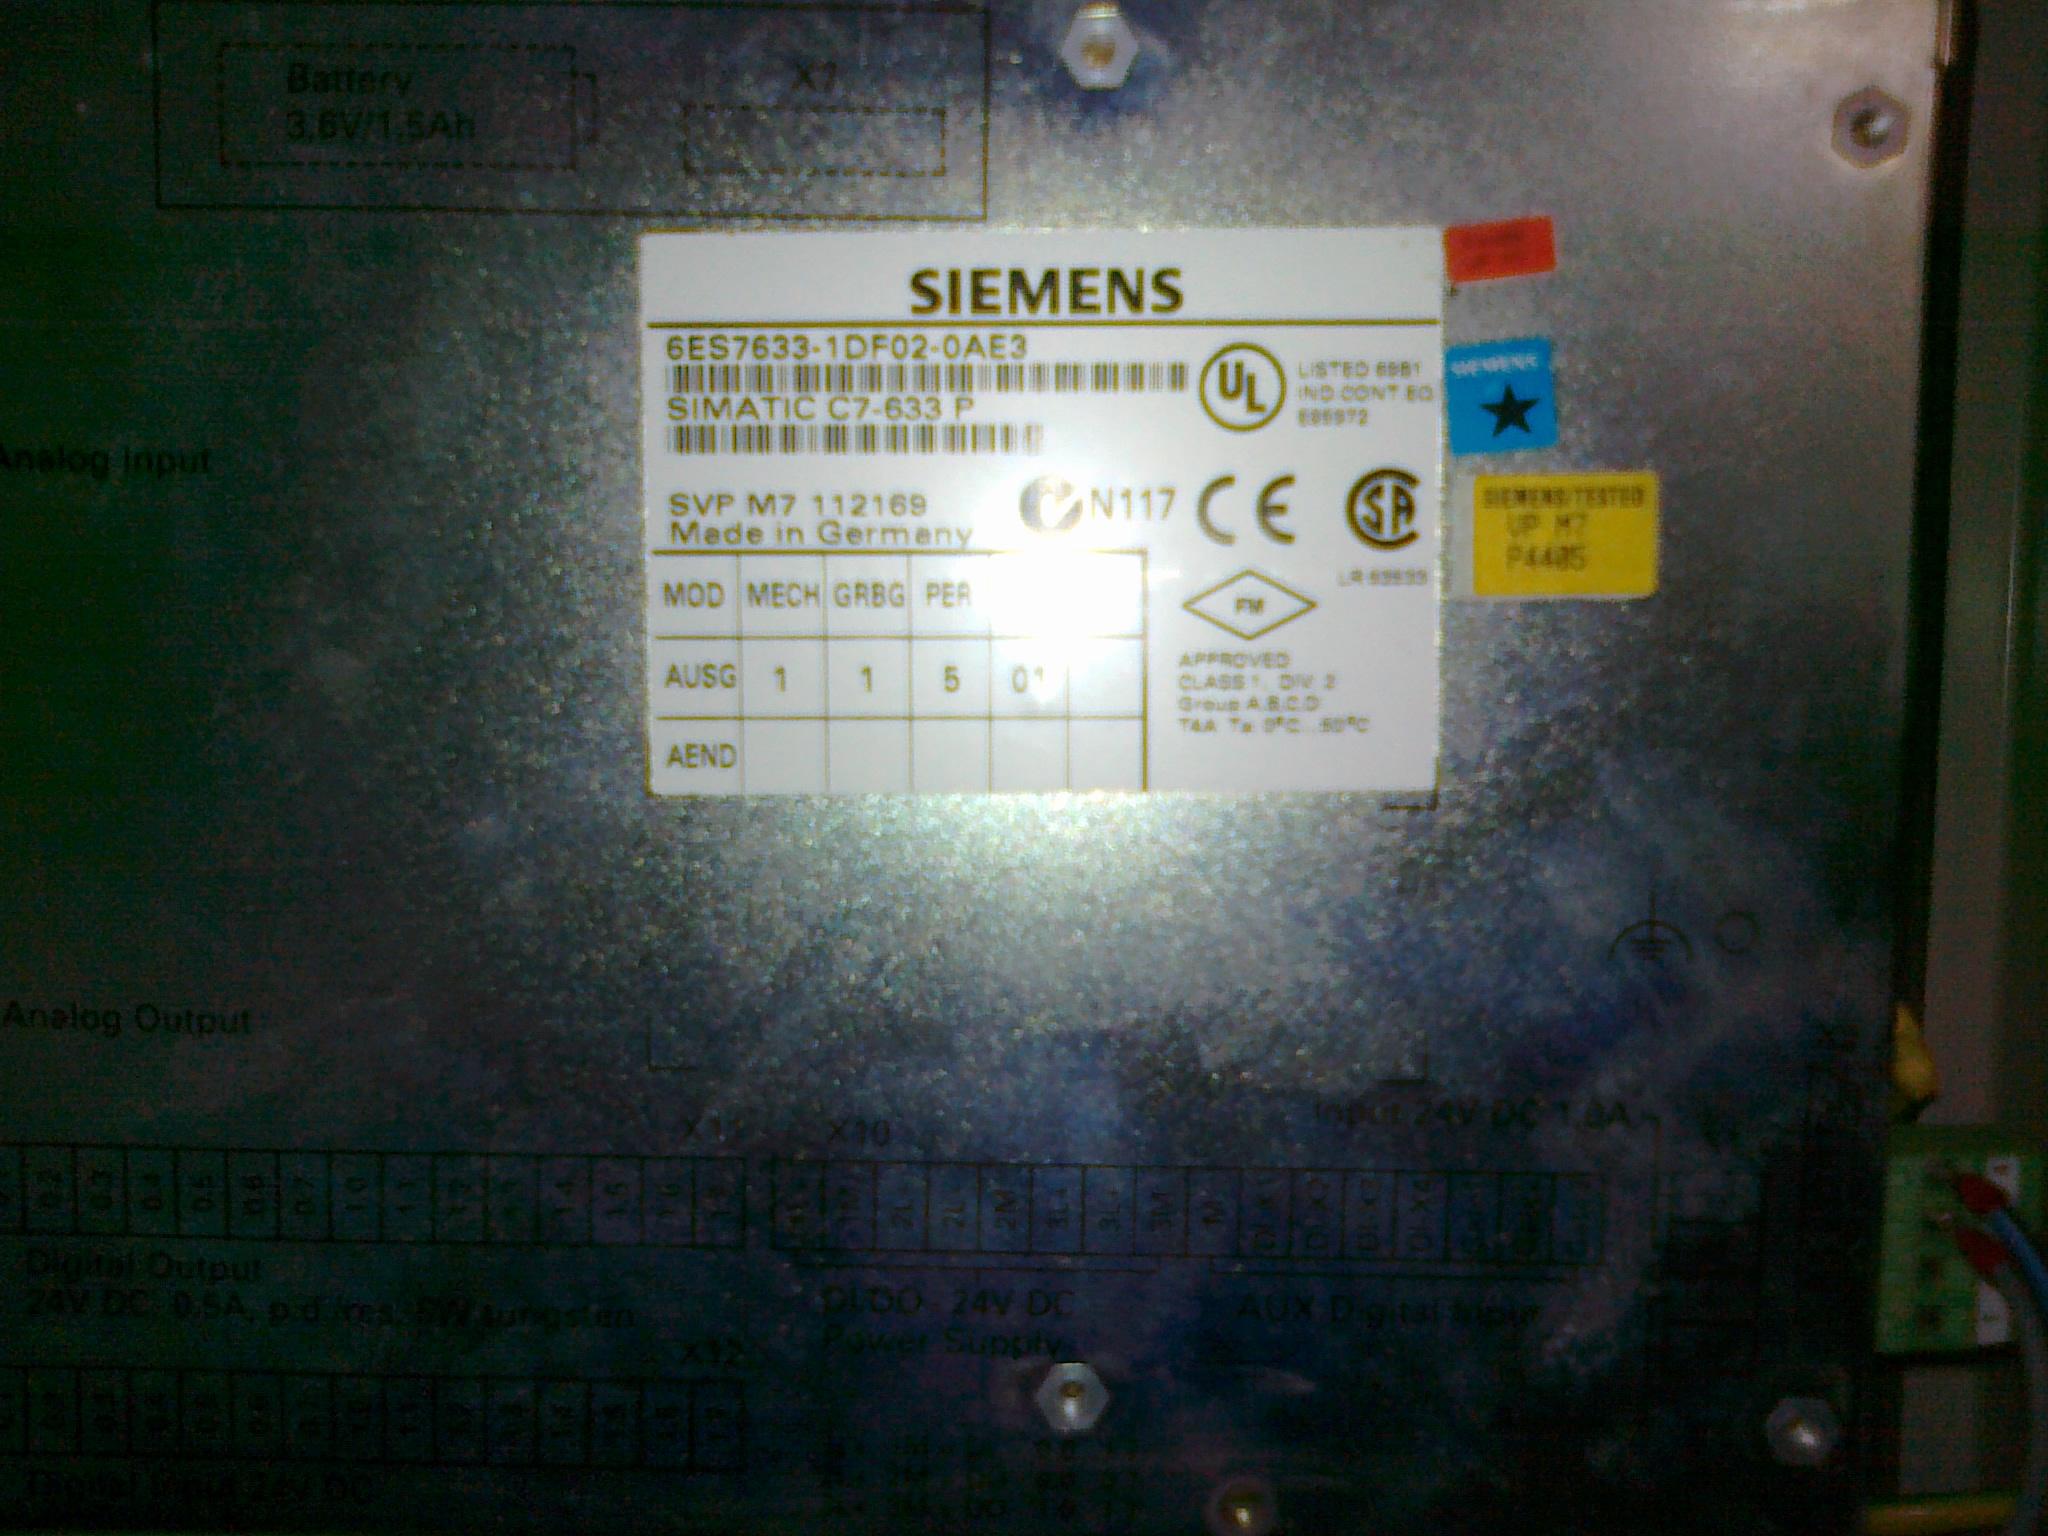 HSA 2000 KAMPF - poszukuj� schematu i programu